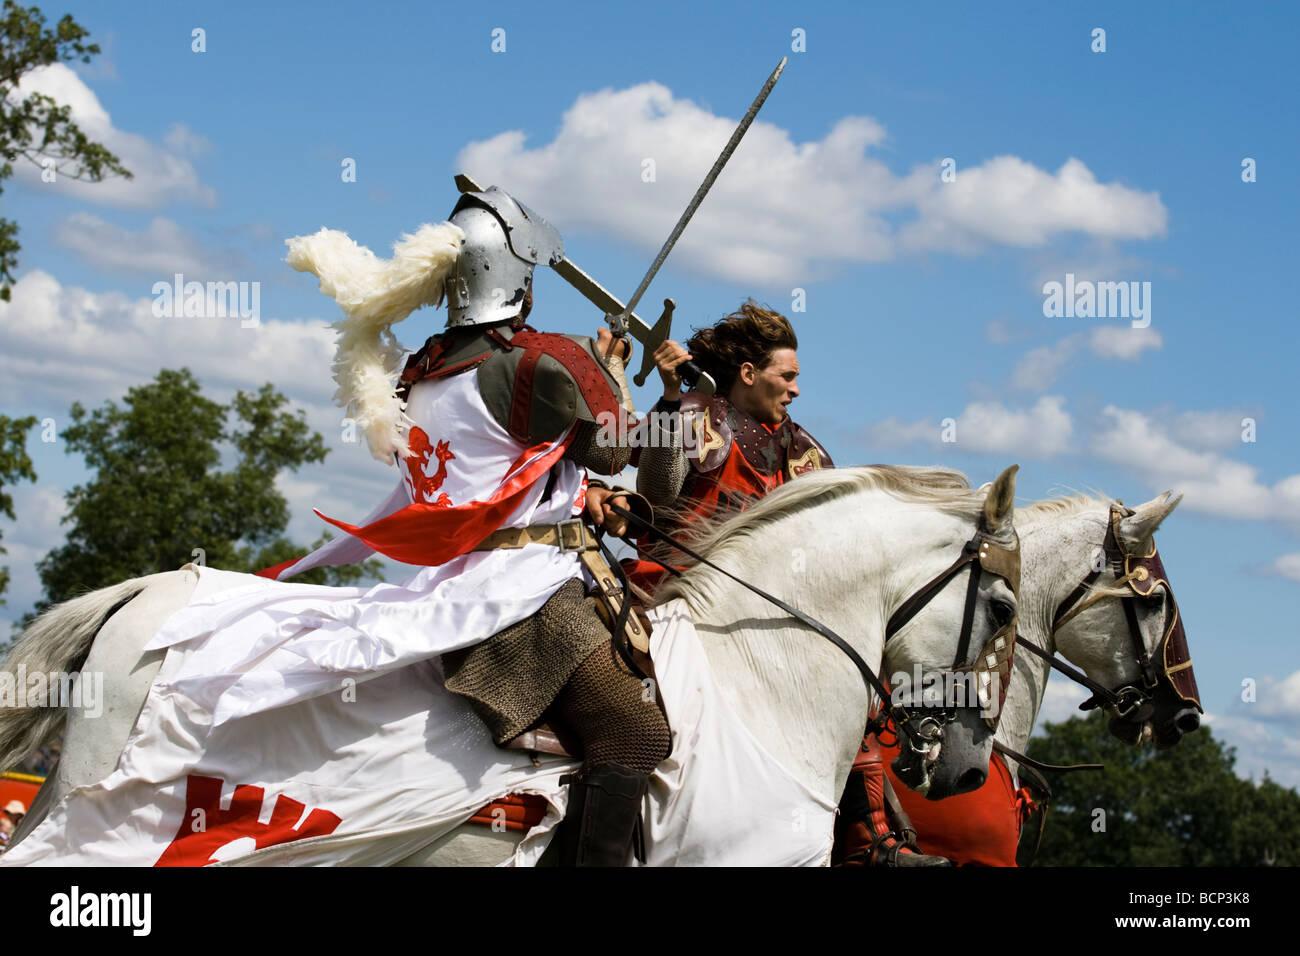 Joutes chevaliers/combats à l'épée à cheval au pays de Lambeth Show de Londres Angleterre Photo Stock